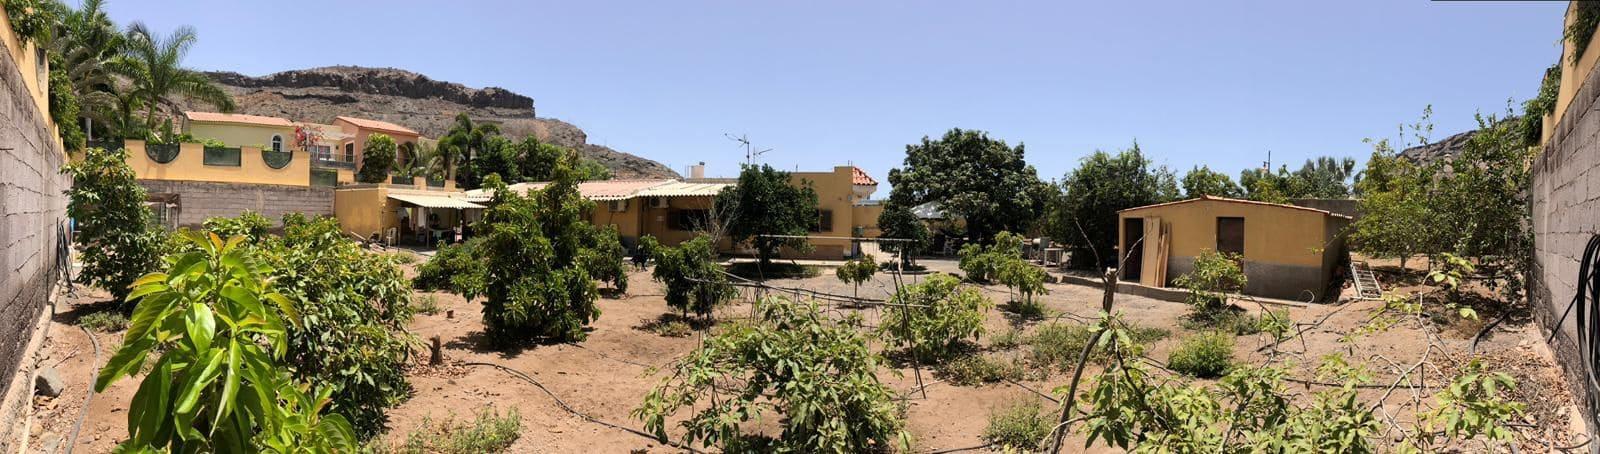 Terreno para Construção para venda em Mogan - 3 000 000 € (Ref: 5530145)